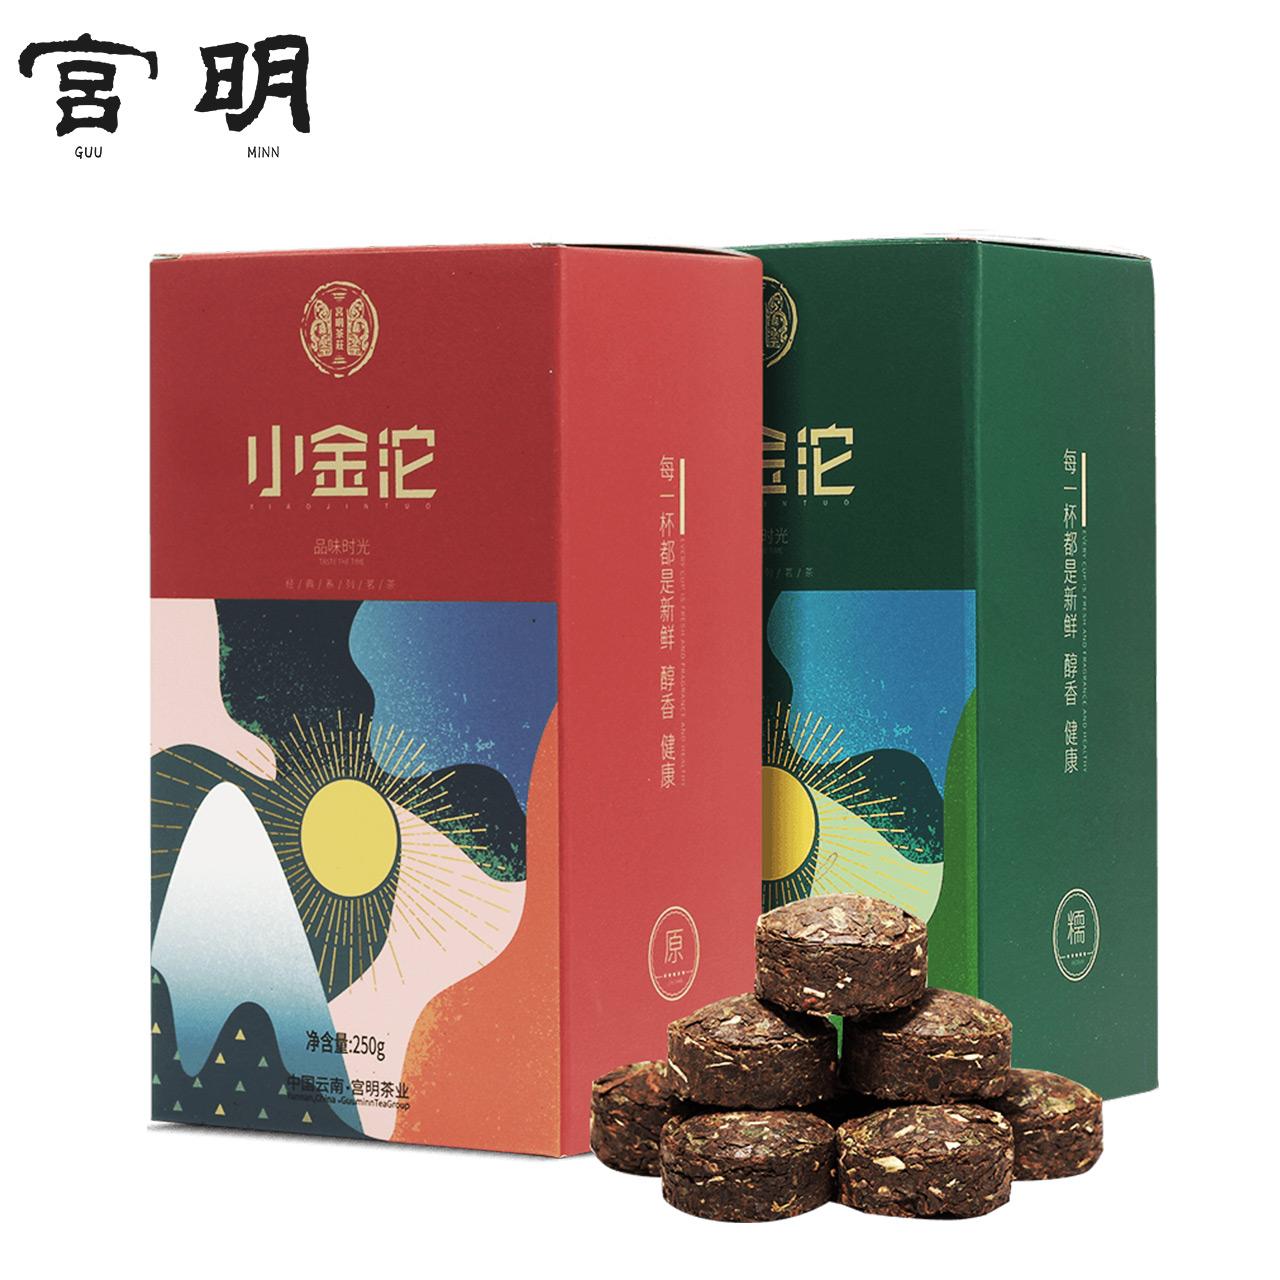 克盒装 500 小金砖 糯香 醇香 迷你小沱茶 云南普洱茶熟茶 宫明茶叶